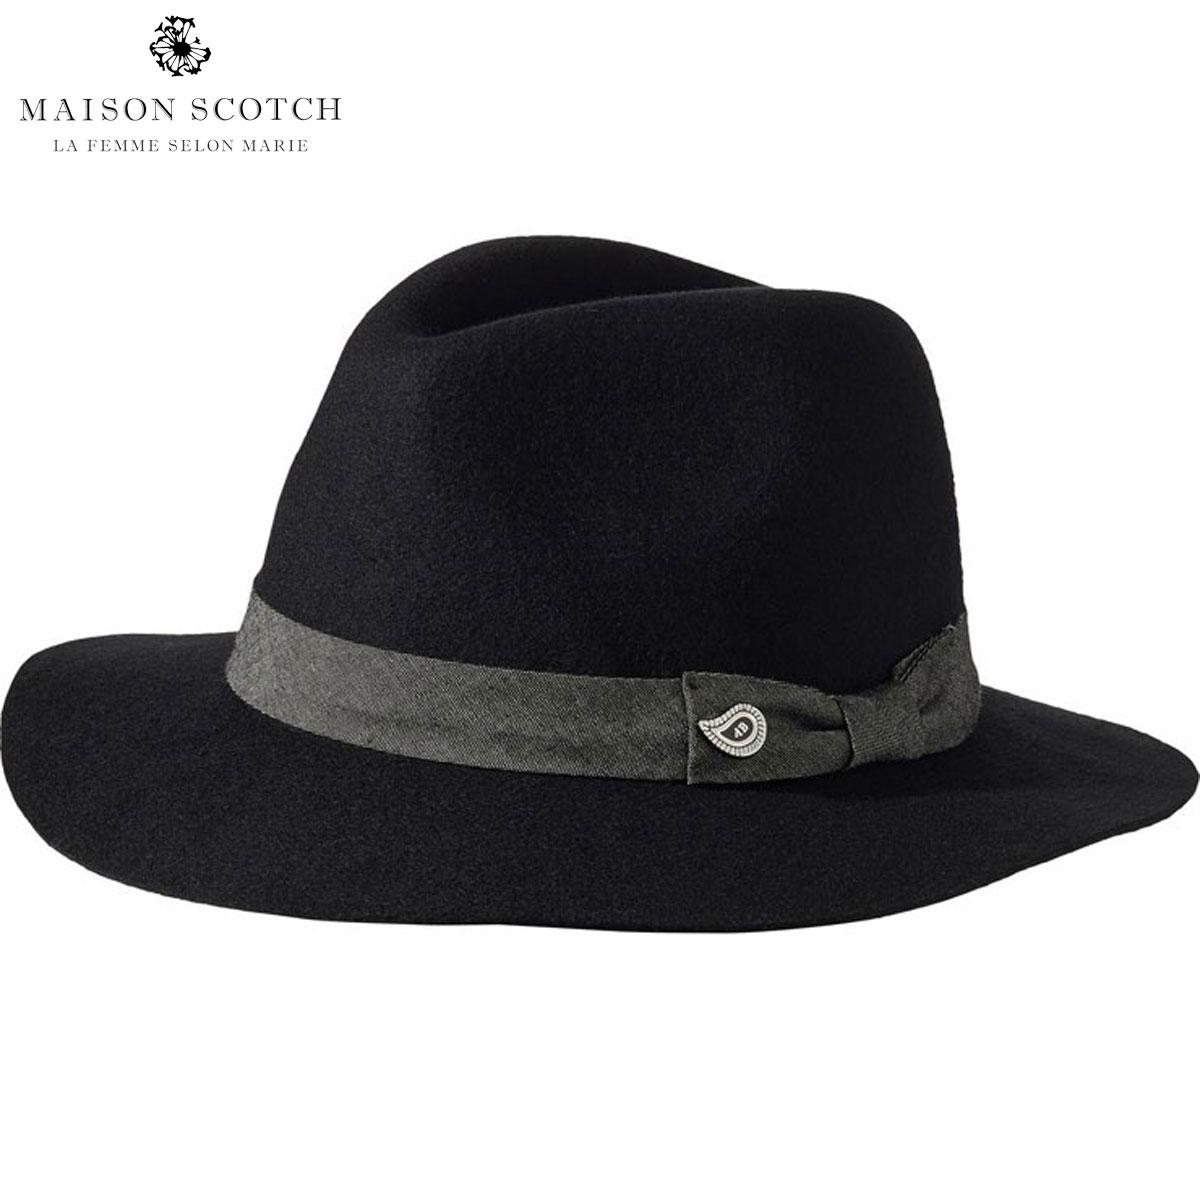 メゾンスコッチ MAISON SCOTCH 正規販売店 レディース 帽子 ハット FELTED HAT 134963 8 BLACK D00S15